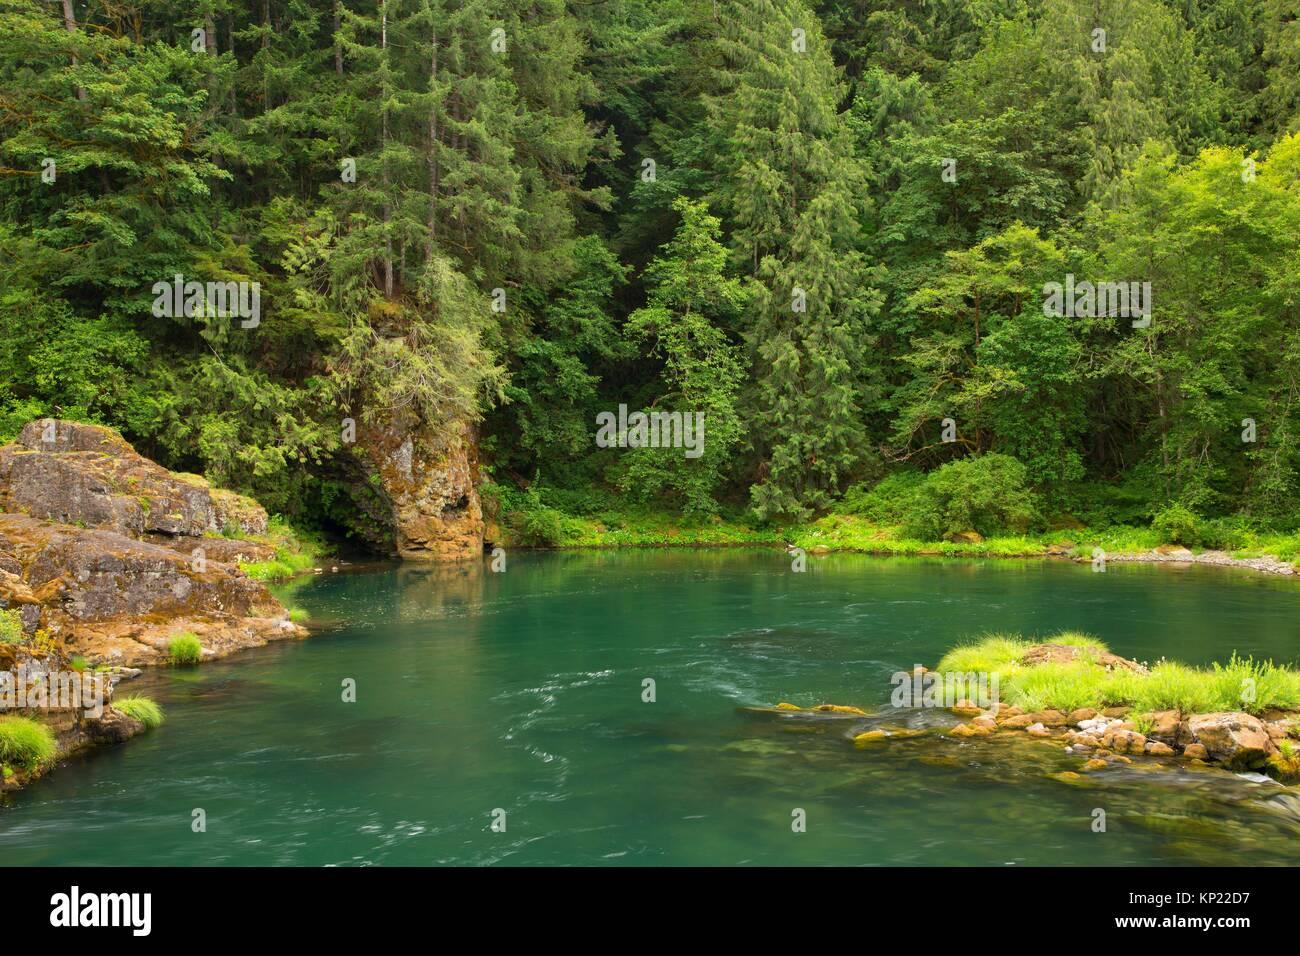 Norden Santiam Fluß, Niagara County Park, Marion County, Oregon. Stockbild